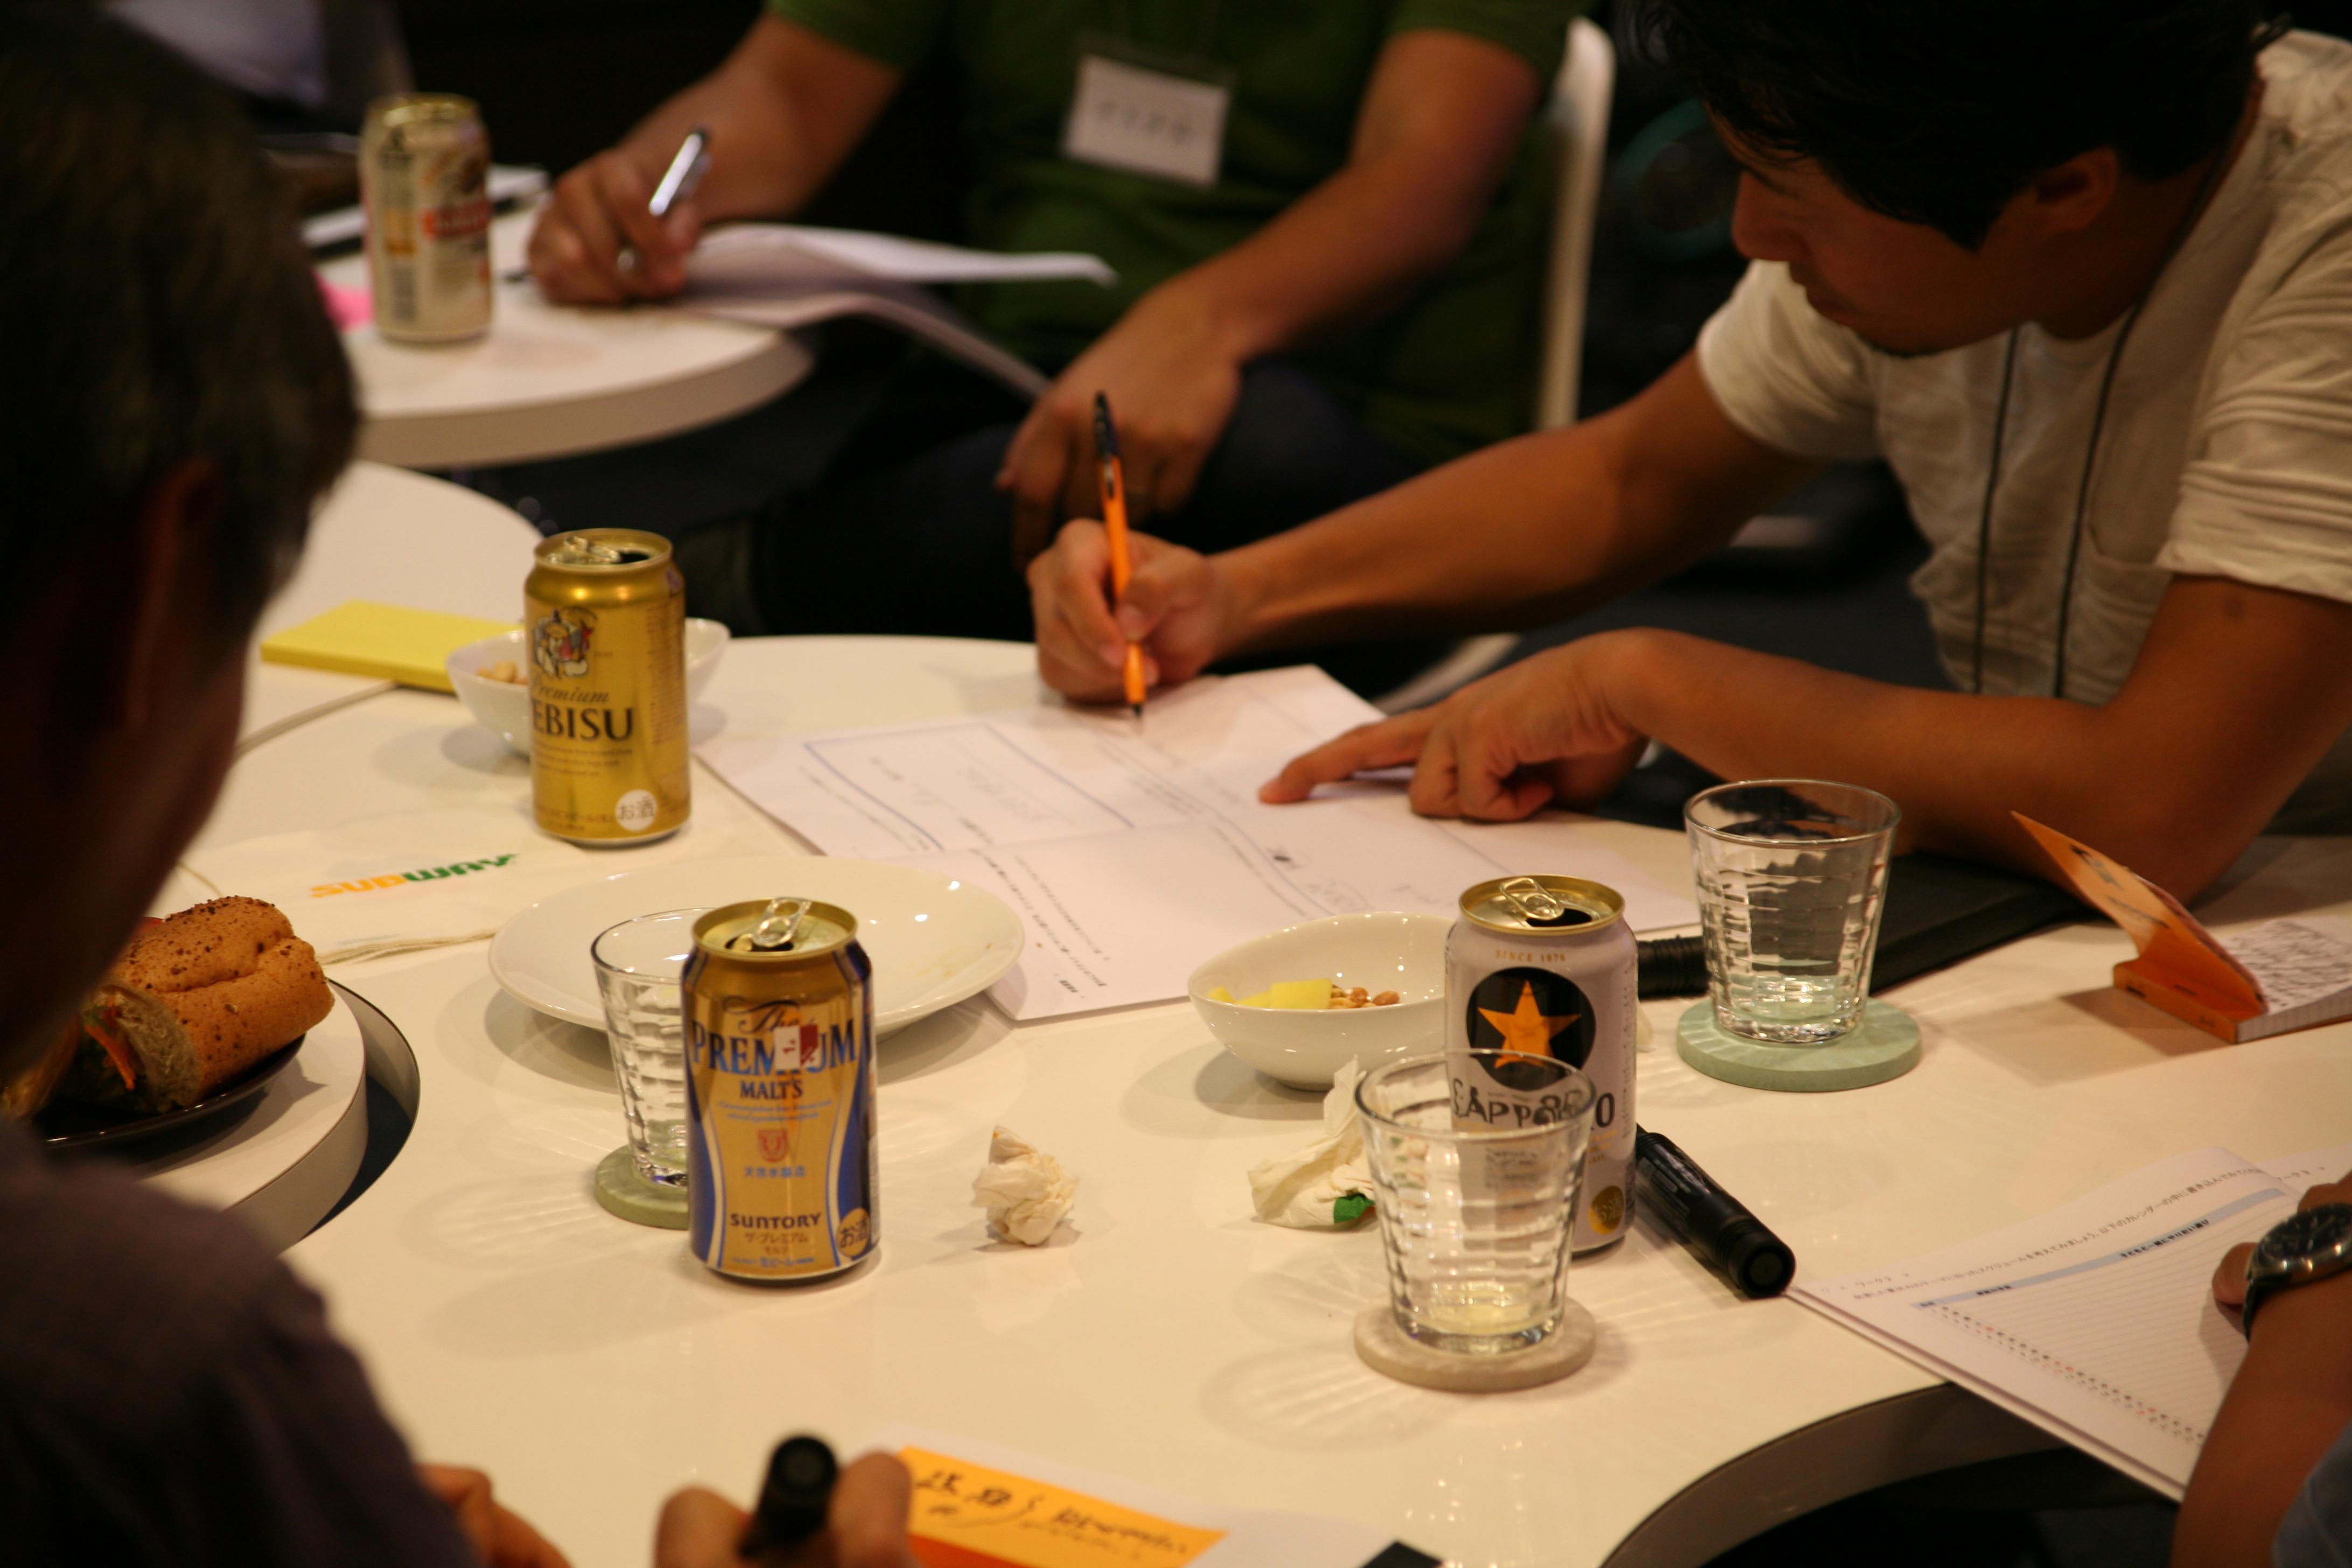 ▲気になったことはメモ!ビールを飲みながらアイデアをシェアしています。